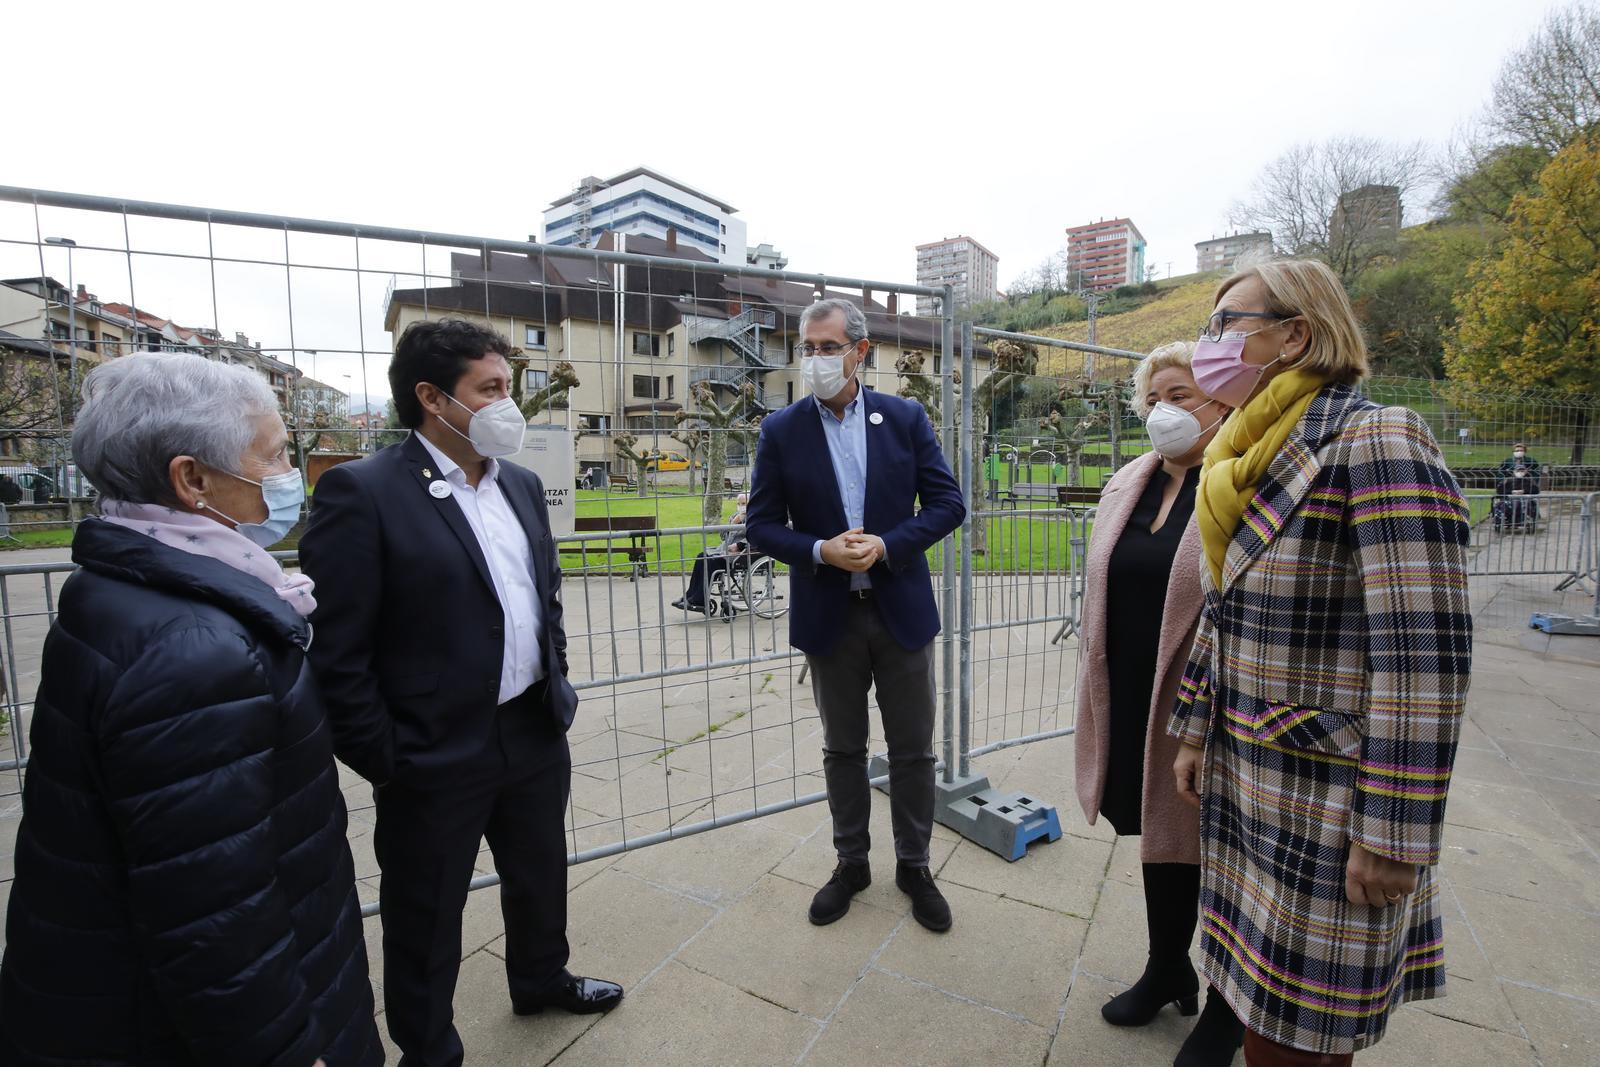 Markel Olano visita con otros responsables de la Diputación la residencia Santa Ana de Zarautz. Foto: Diputación